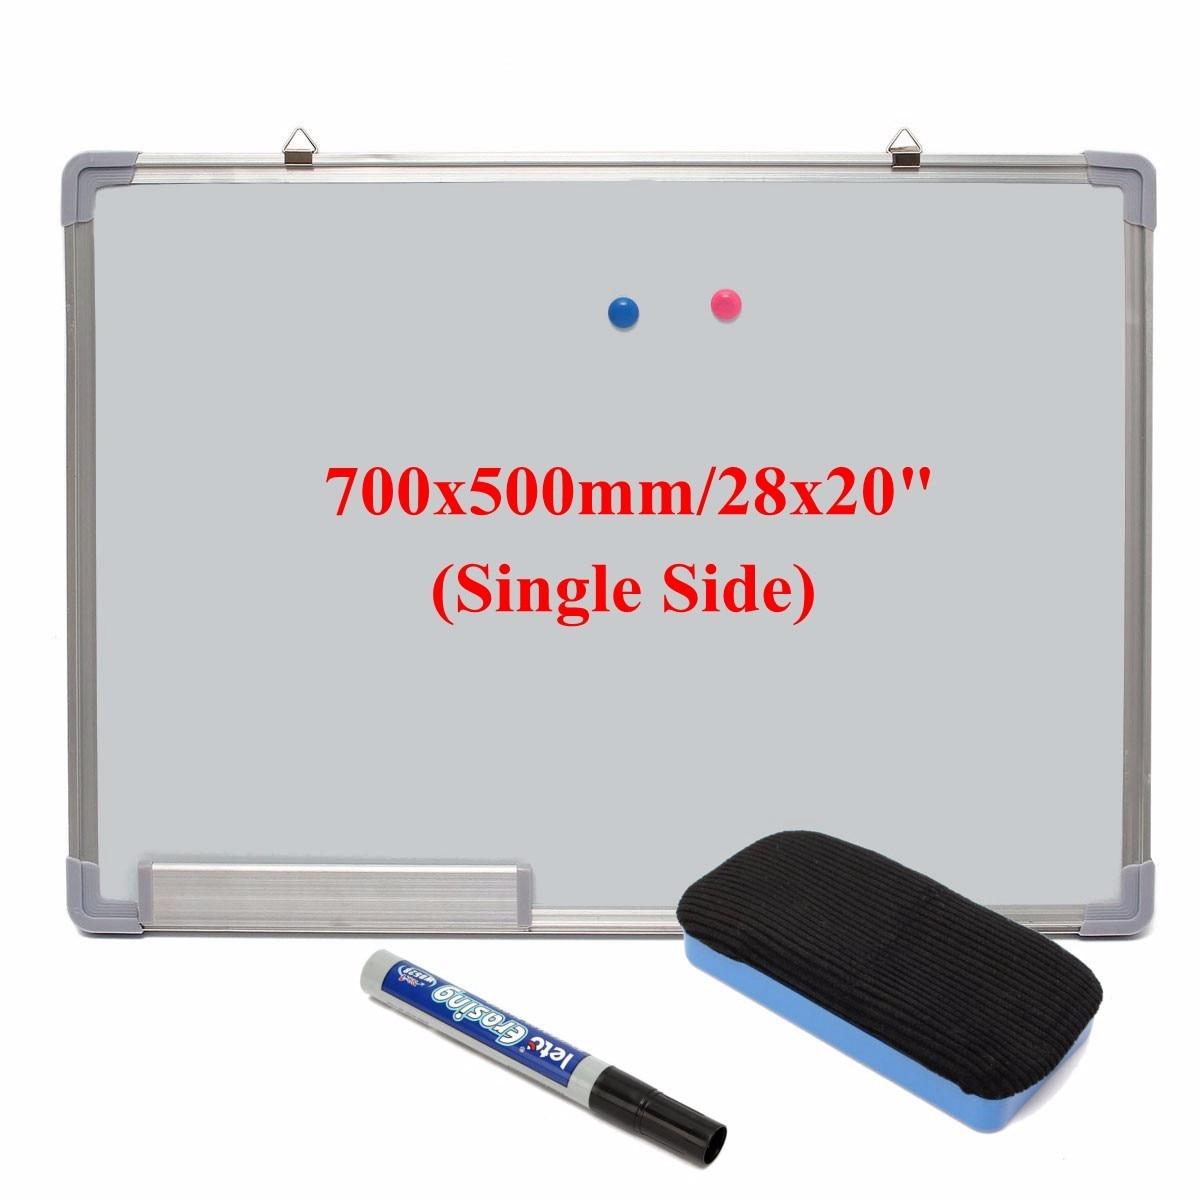 500x700 mm imas quadro magnetico placa de 02